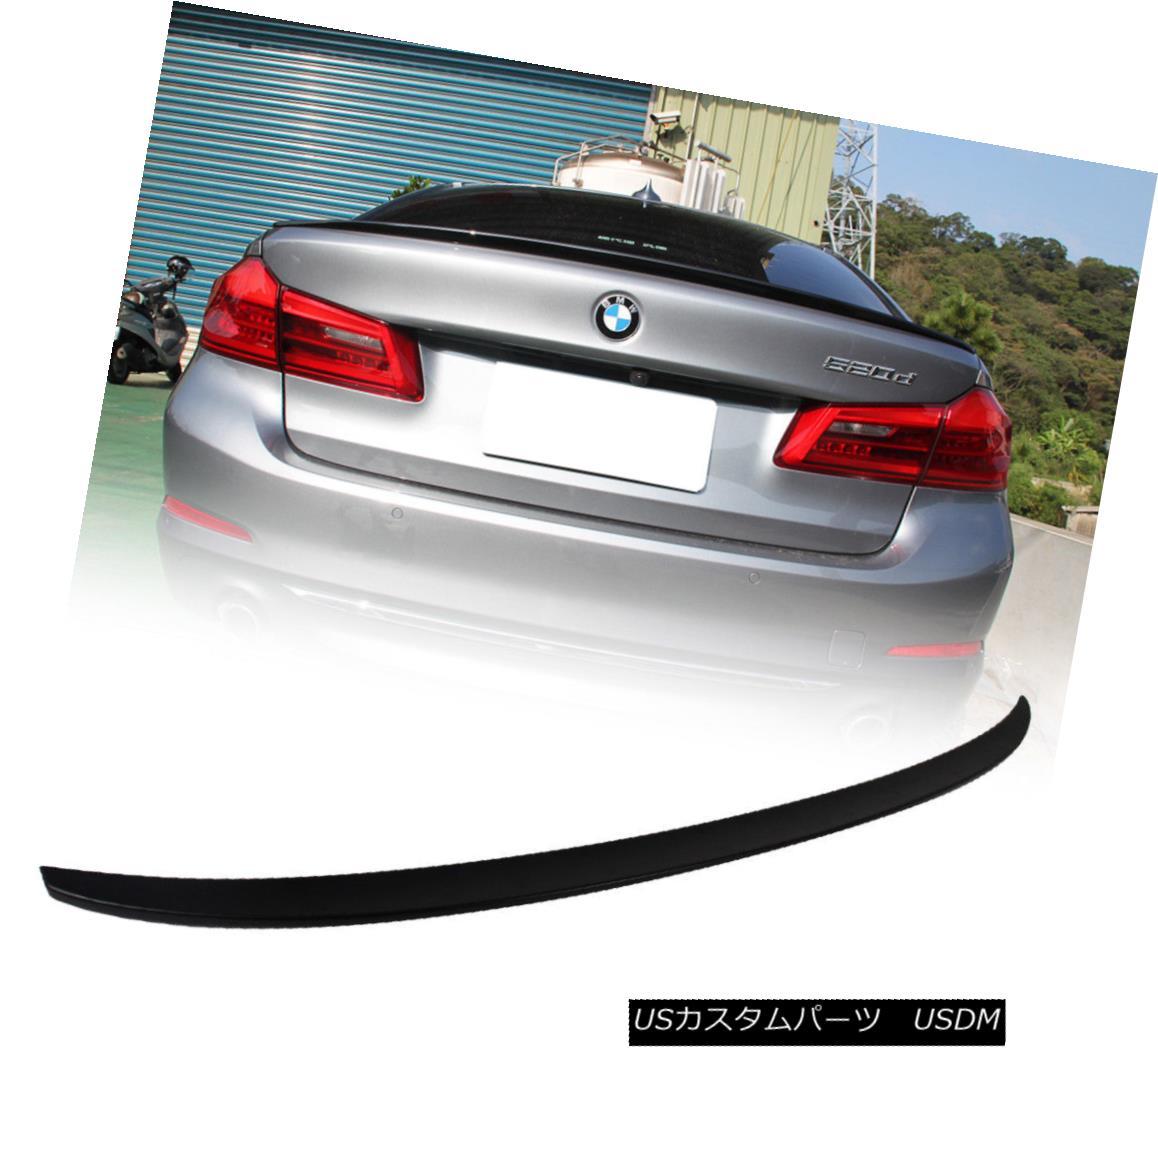 エアロパーツ M5 Type Rear Trunk Boot Spoiler Paint Color For BMW 5-Ser G30 Sedan 2018 BMW 5シリーズG30セダン2018用M5タイプリアトランクブーツスポイラーペイントカラー